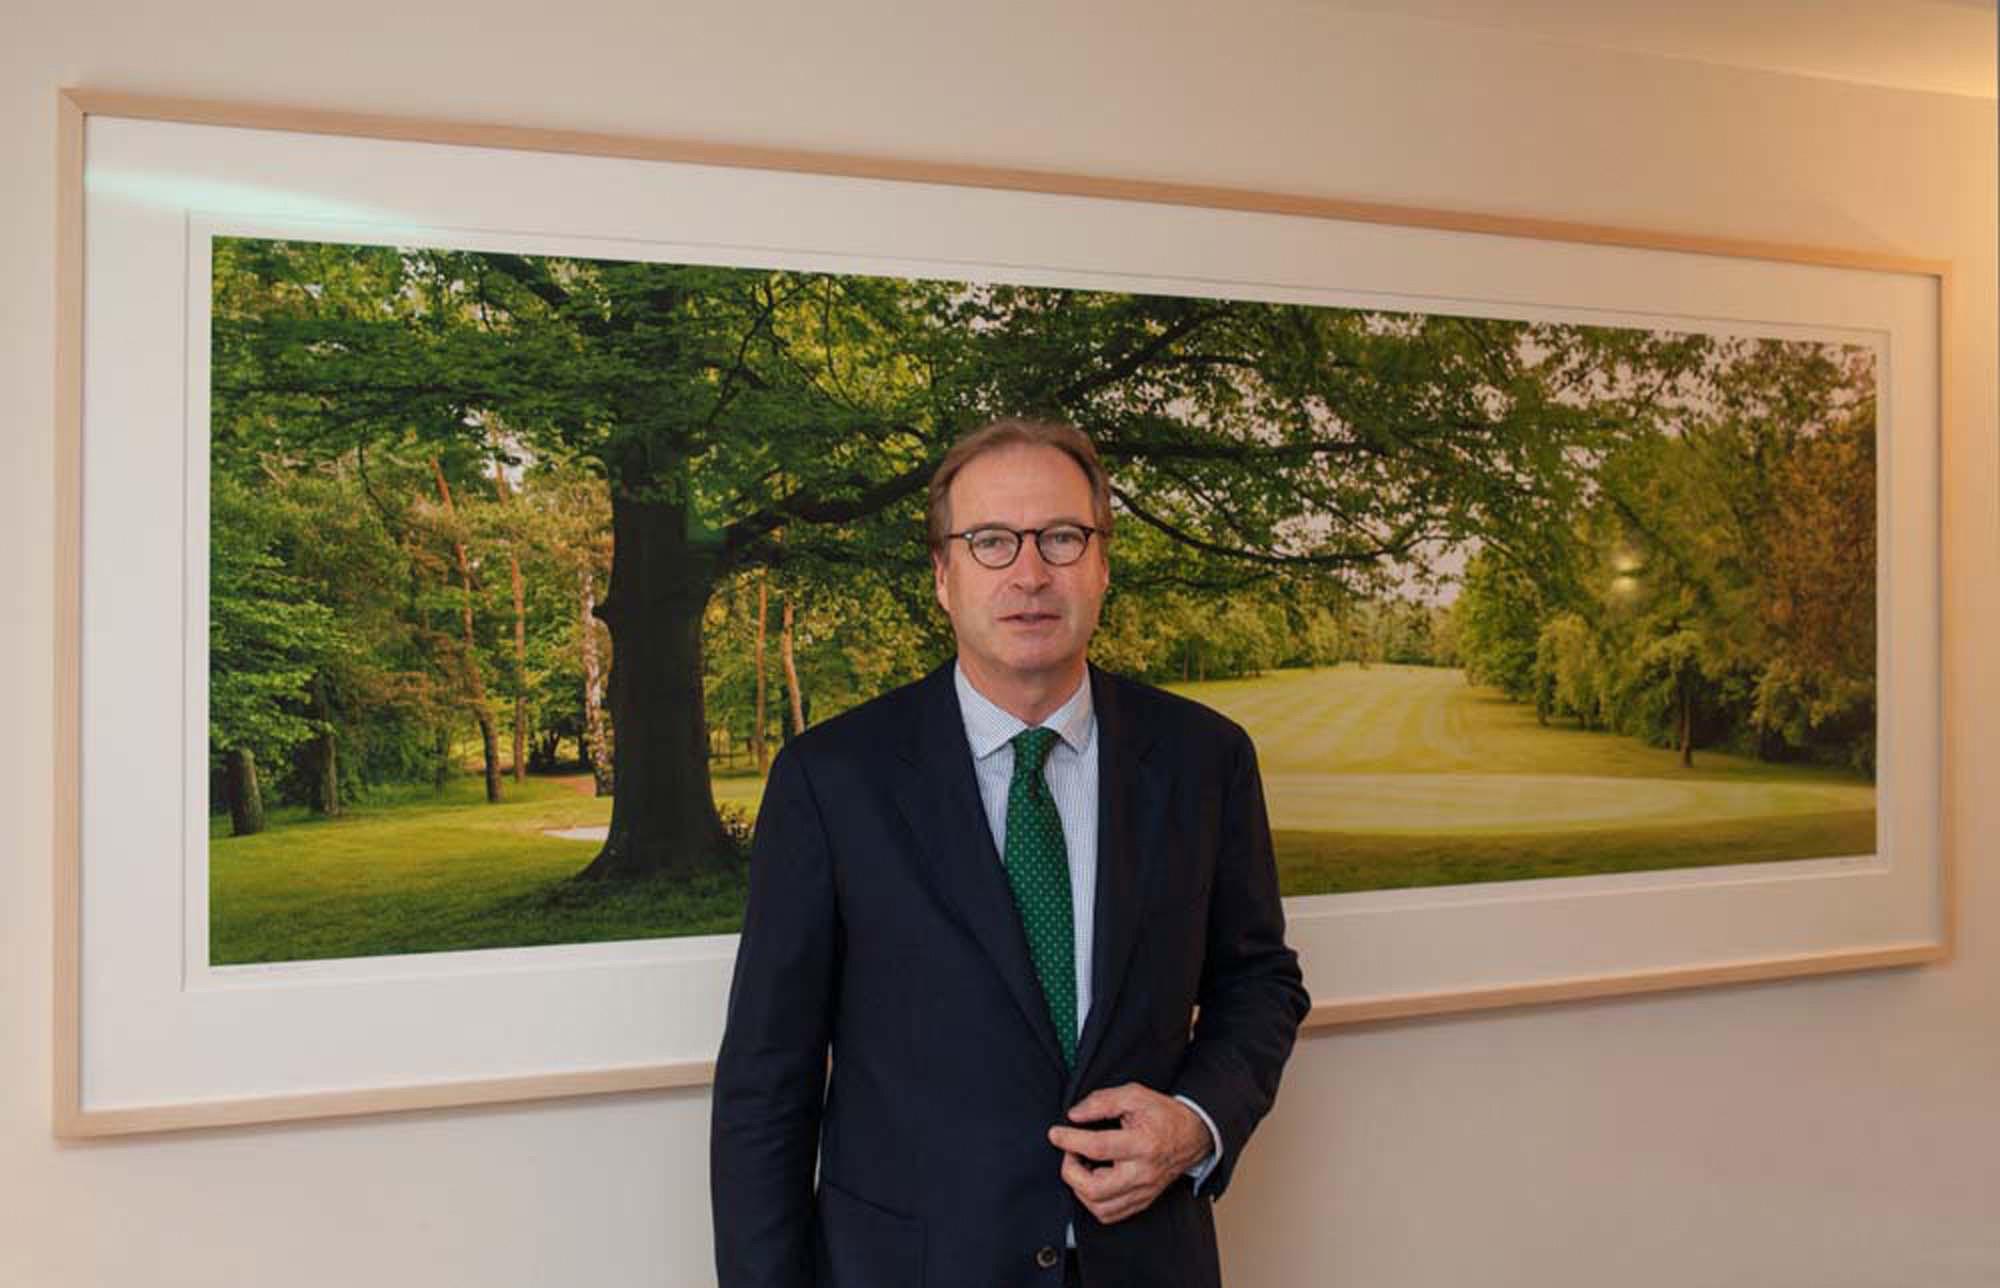 """Marienburger Golfclub, Köln, Paul Bauwens-Adenauer vor dem Bild """"Fairway"""""""